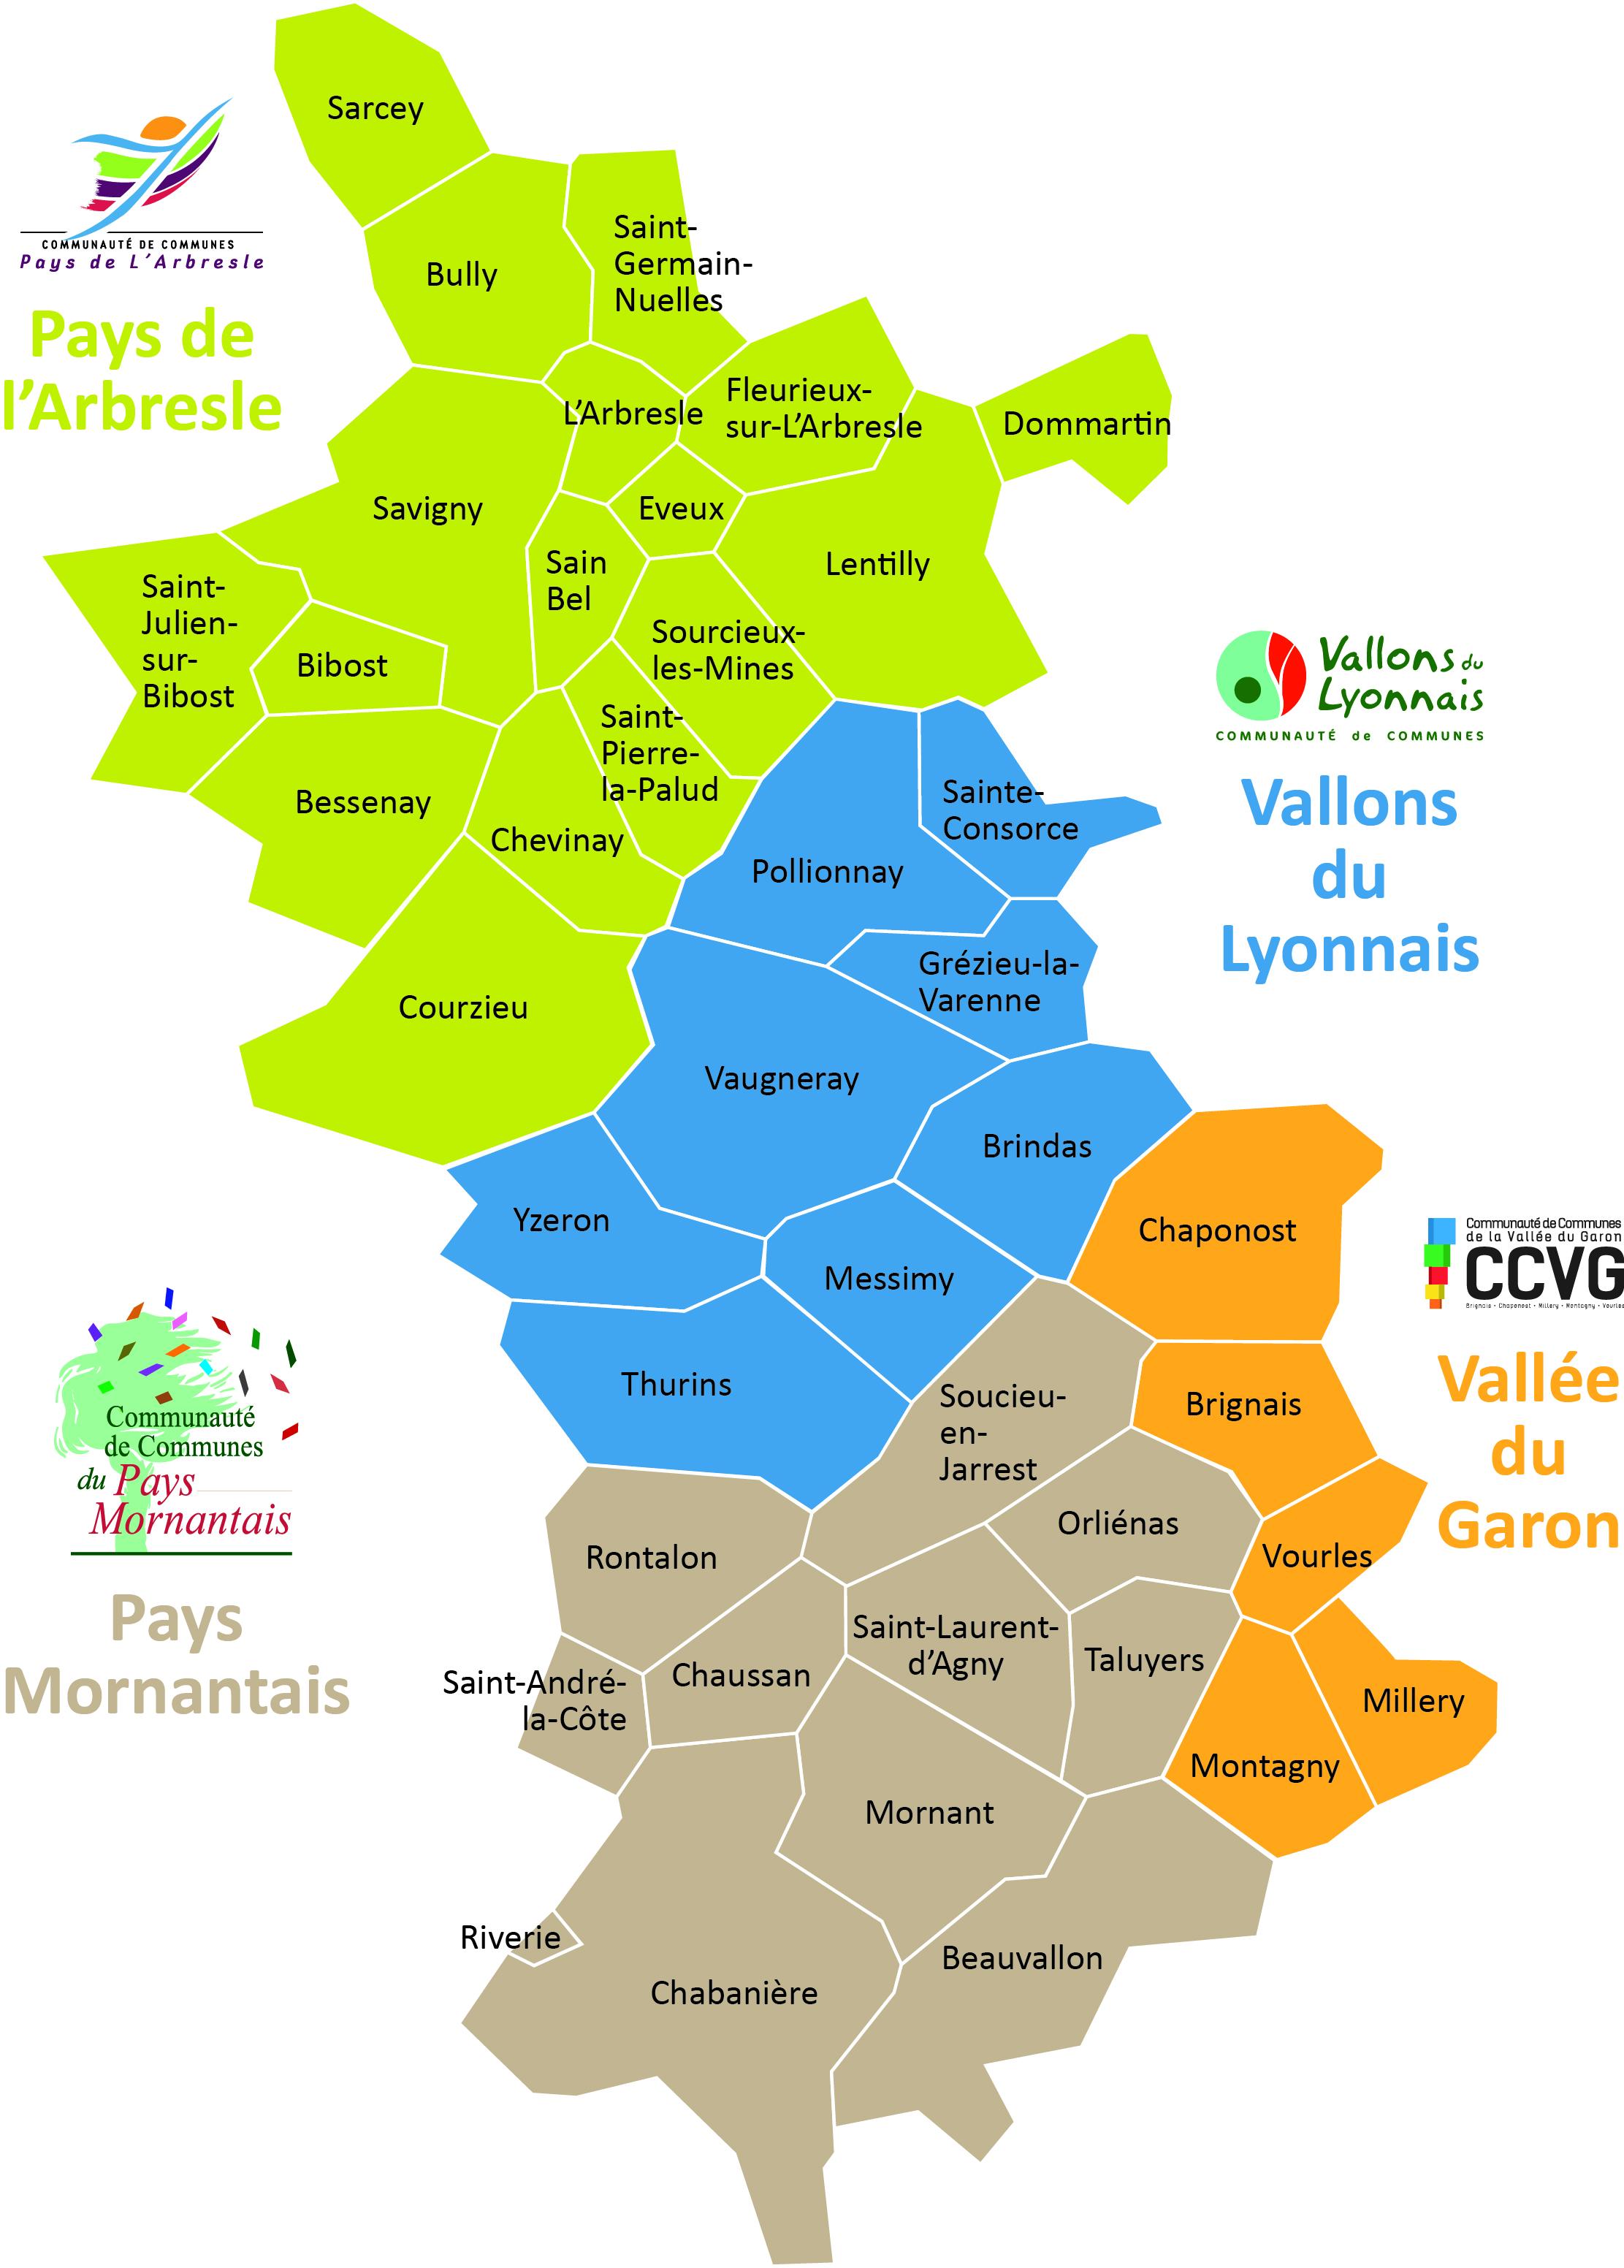 Le territoire de l'Ouest Lyonnais